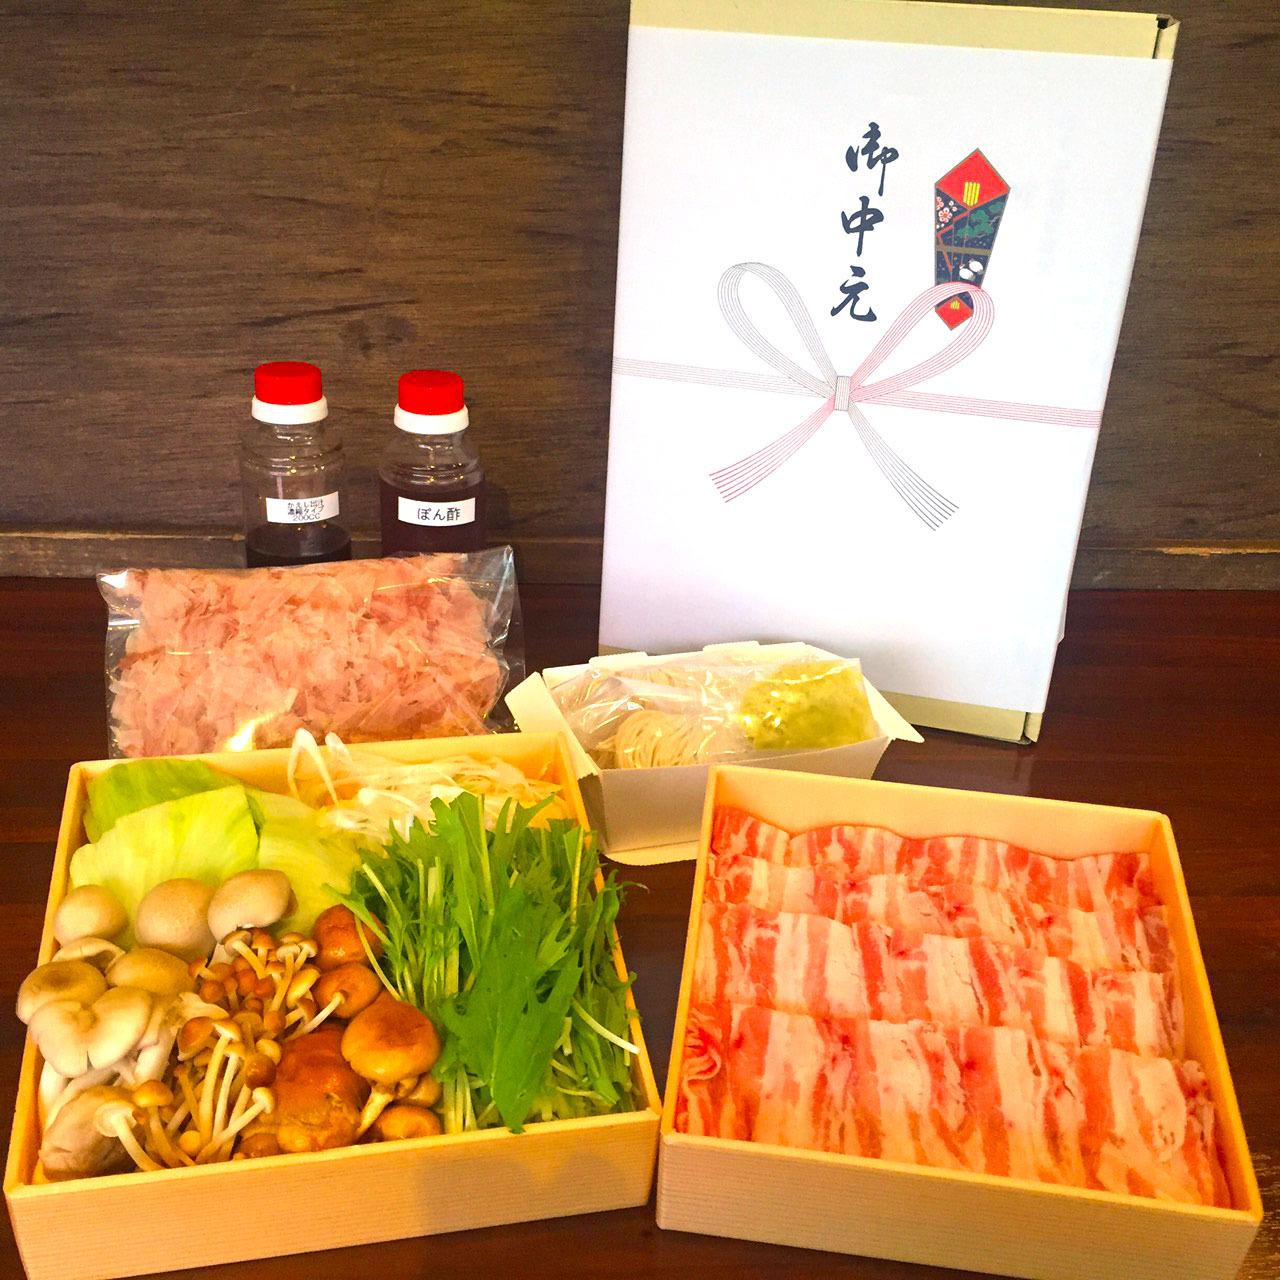 【送料無料】お中元熨斗付き 「滋賀 近江牛」「十勝 放牧豚」食べ比べ 究極のしゃぶしゃぶ 2人前セット